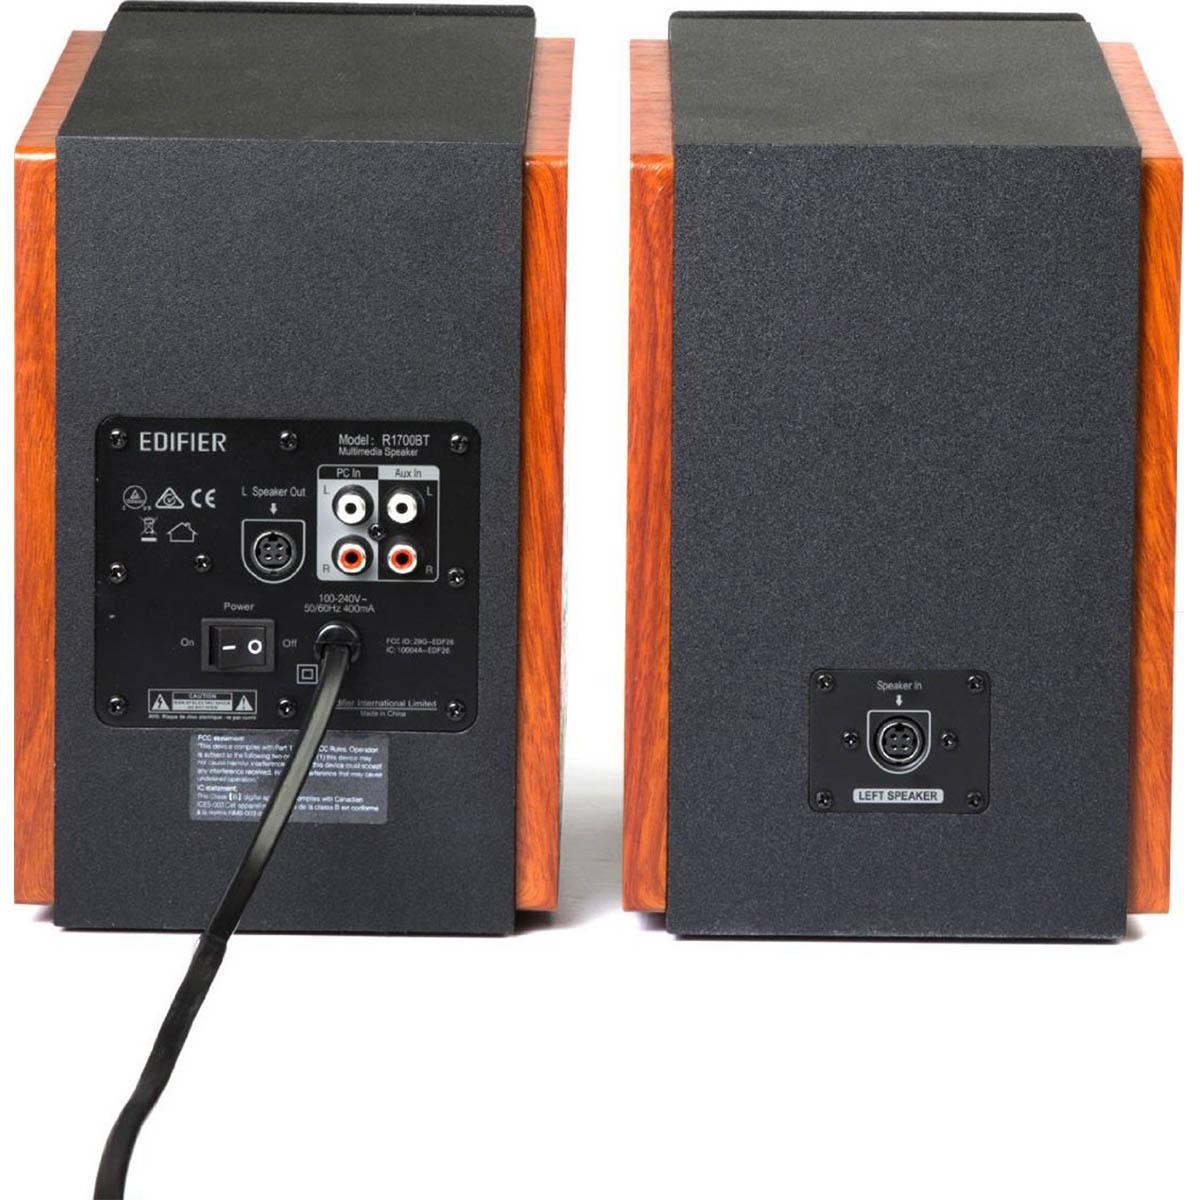 Edifier R1700BT Caixa de Som, 66W RMS, Bivolt